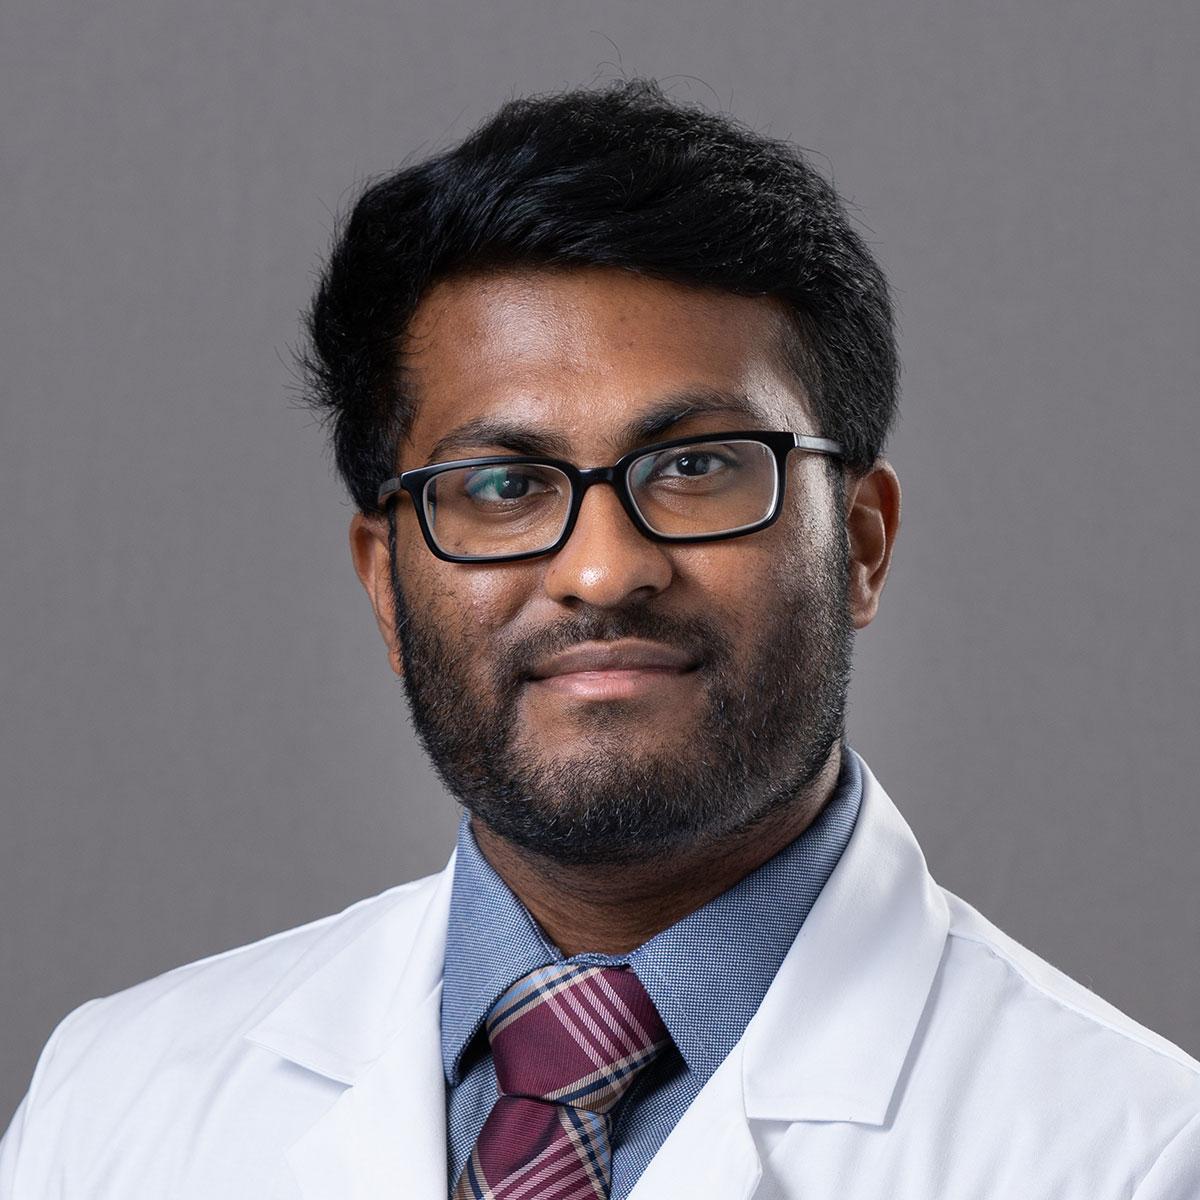 A friendly headshot of Dr. Aditya Reddy